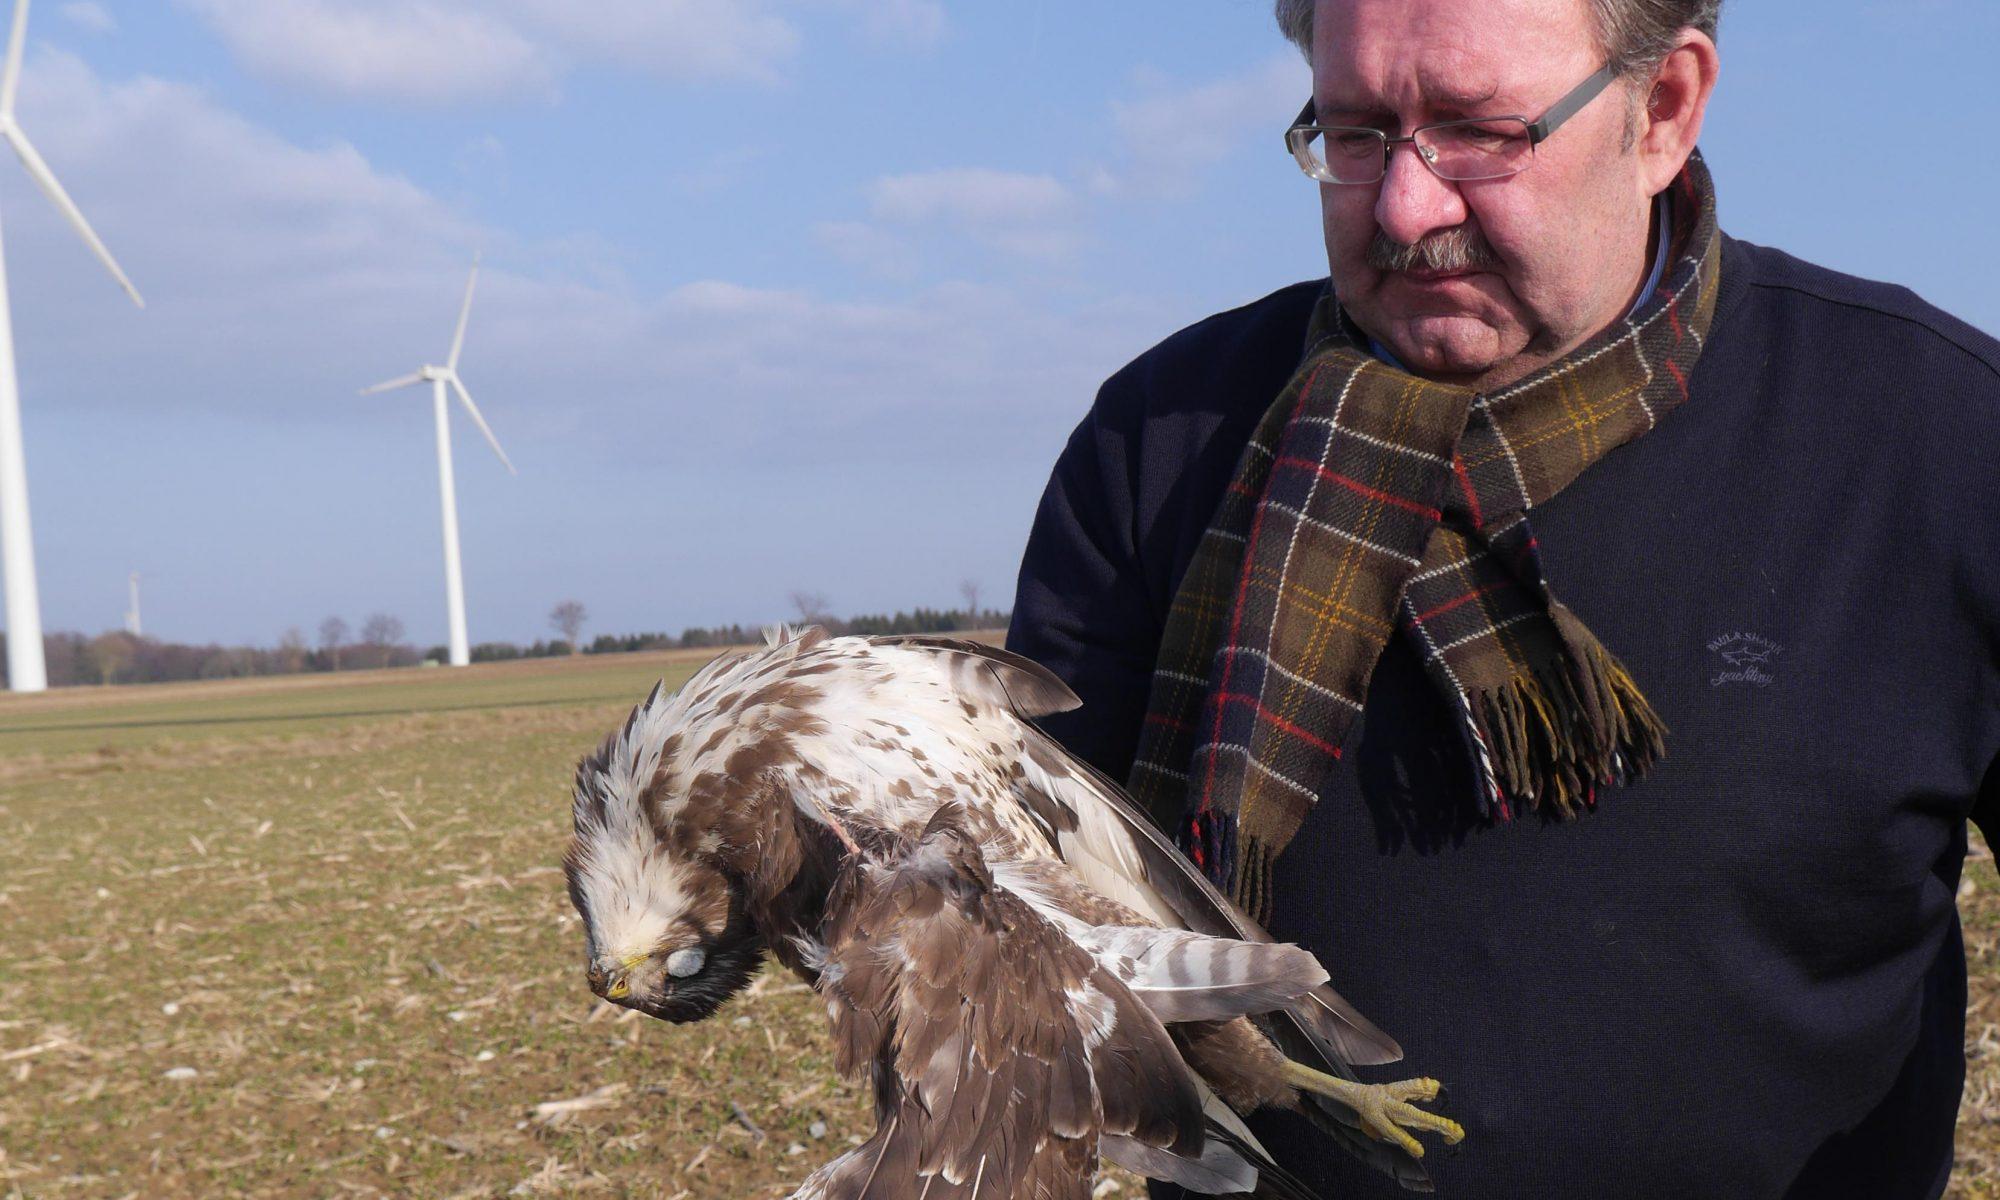 Toter Mäusebussard unter Windenergieanlage bei Borchen – ein weiteres Schlagopfer